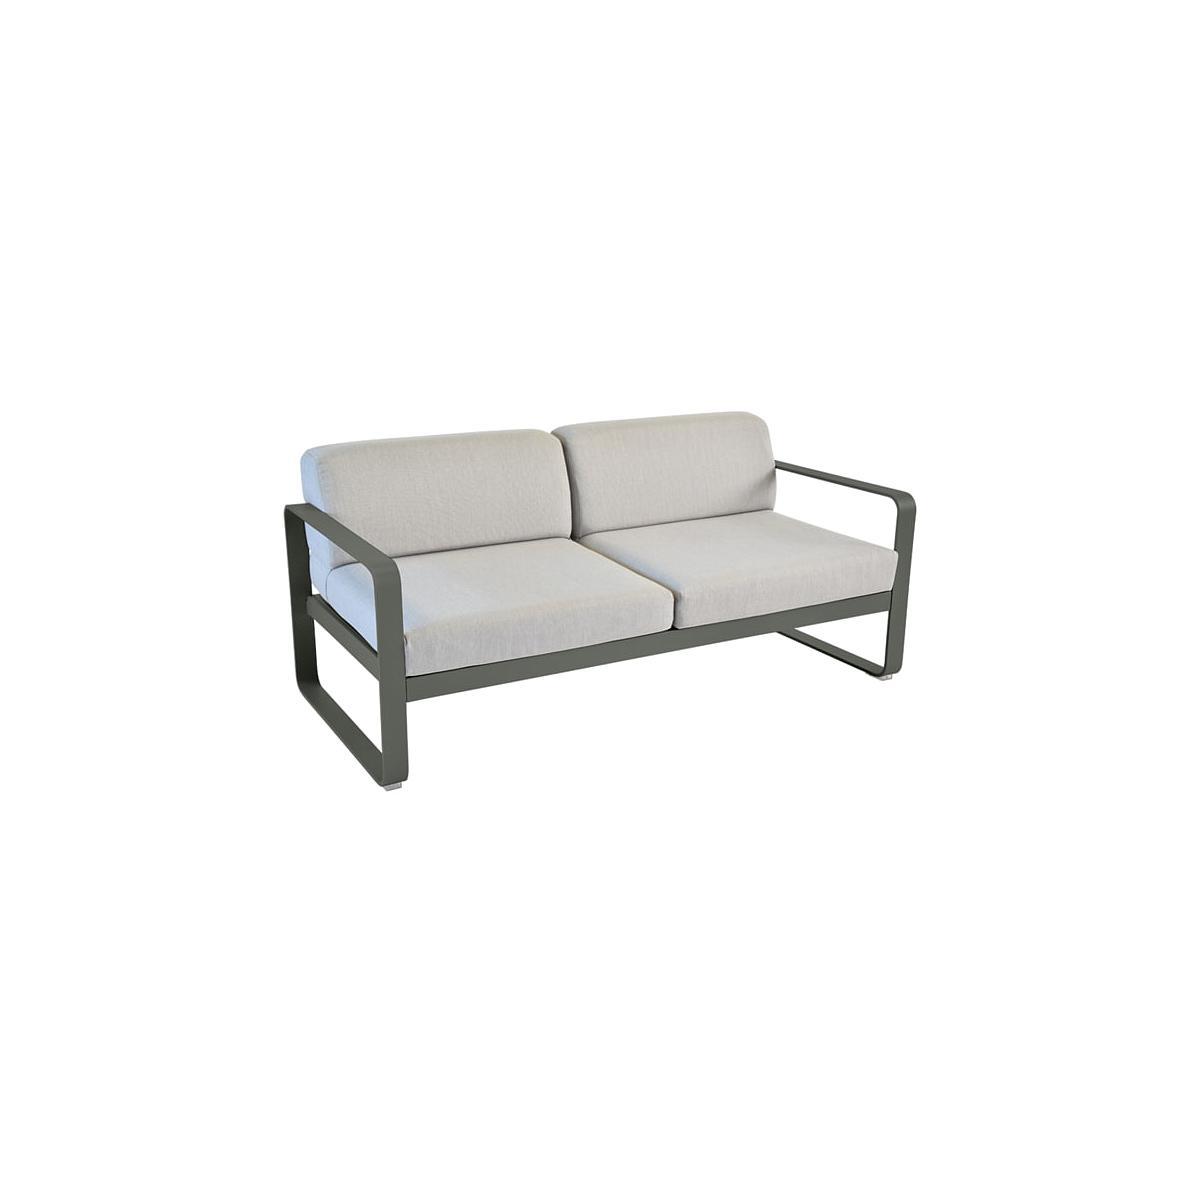 Canapé de jardin BELLEVIE Fermob ROMARIN coussins gris flanelle